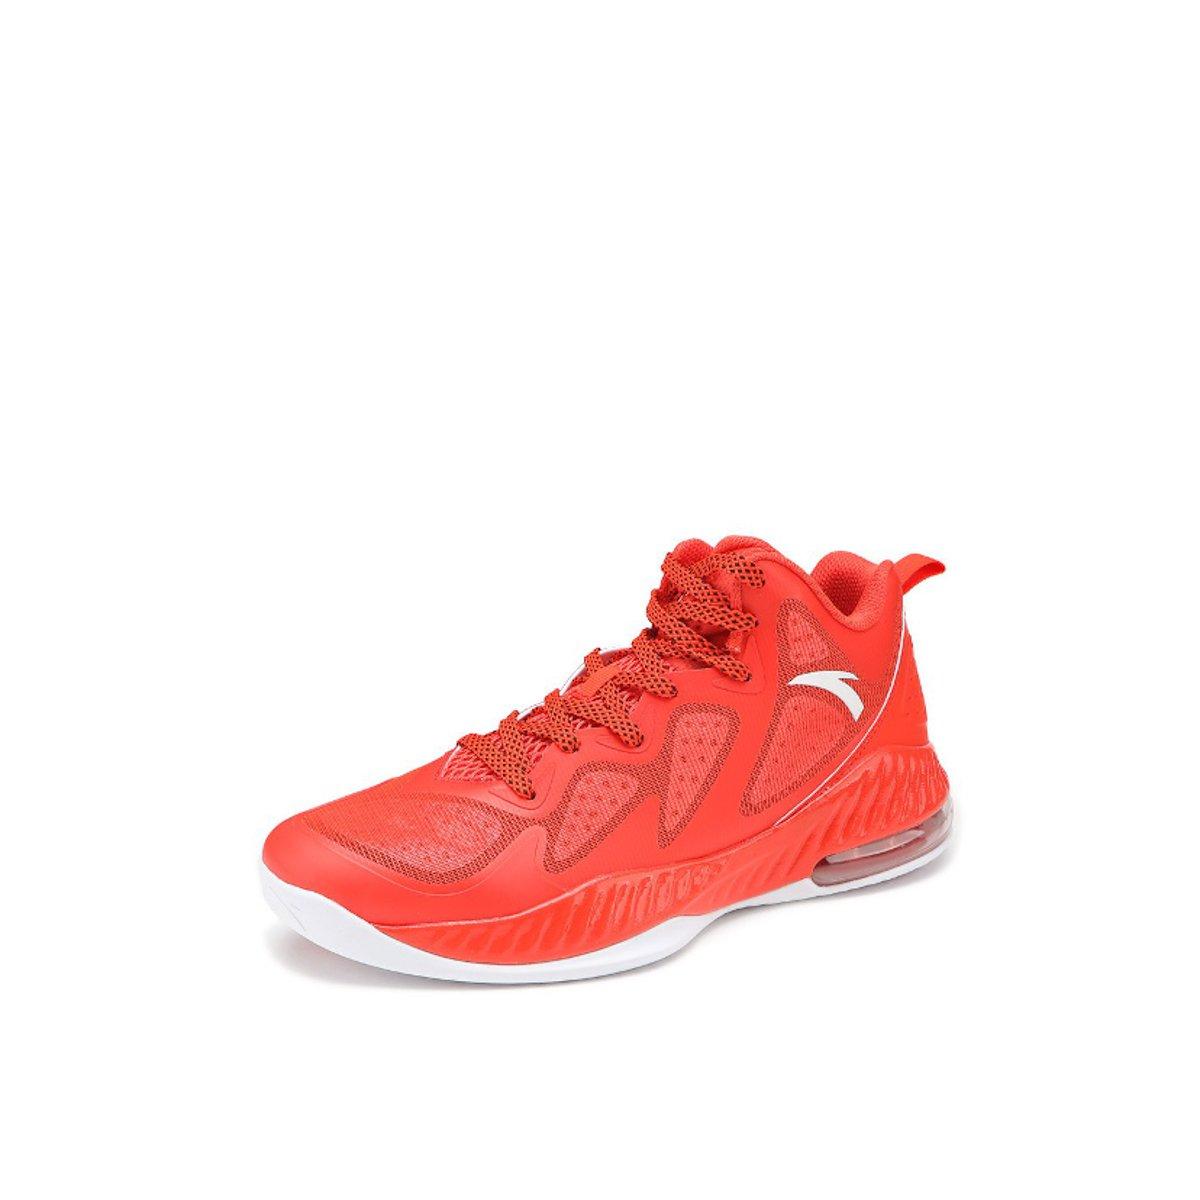 10点抢 白菜价: ANTA 安踏 男款篮球鞋 91731114